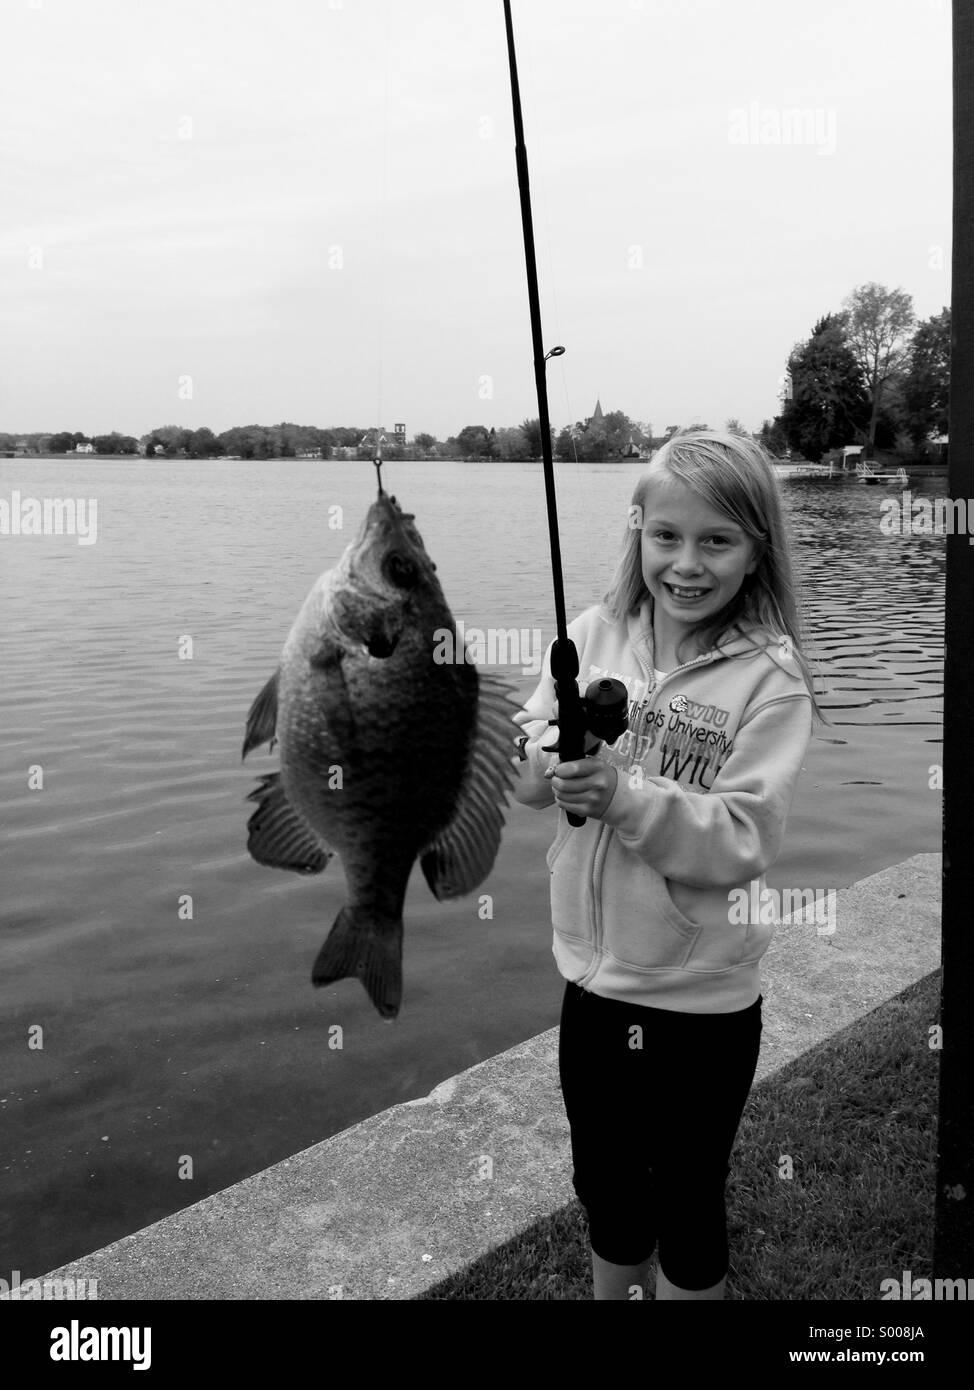 Una giovane ragazza sorride dopo la cattura di un pesce. Foto Stock